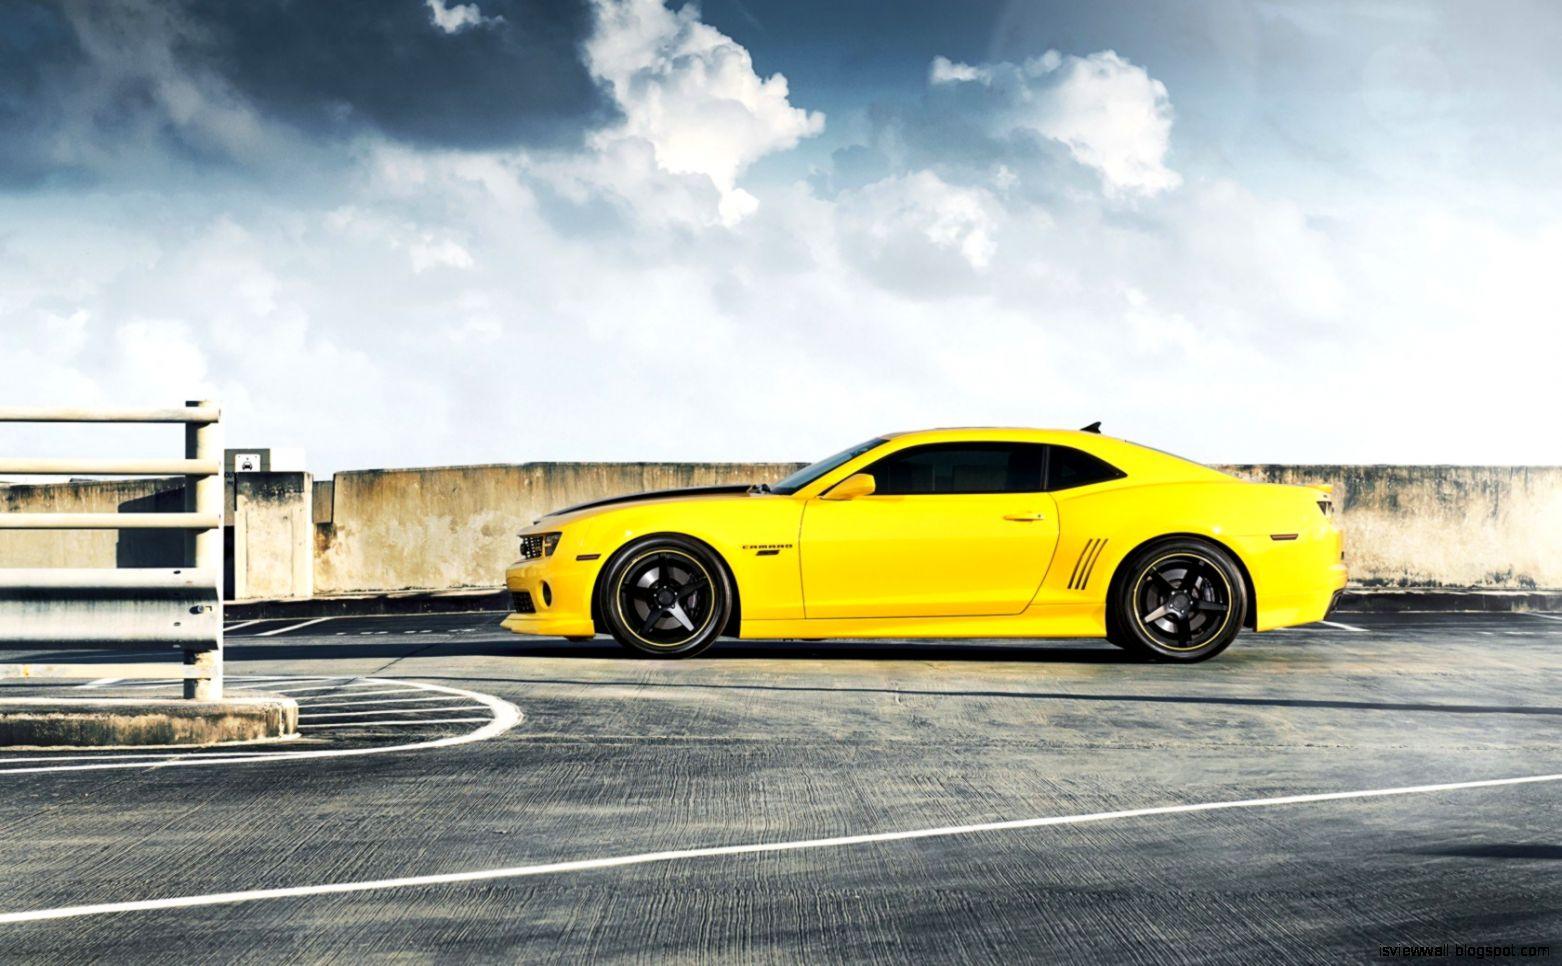 yellow camaro wallpaper - photo #19